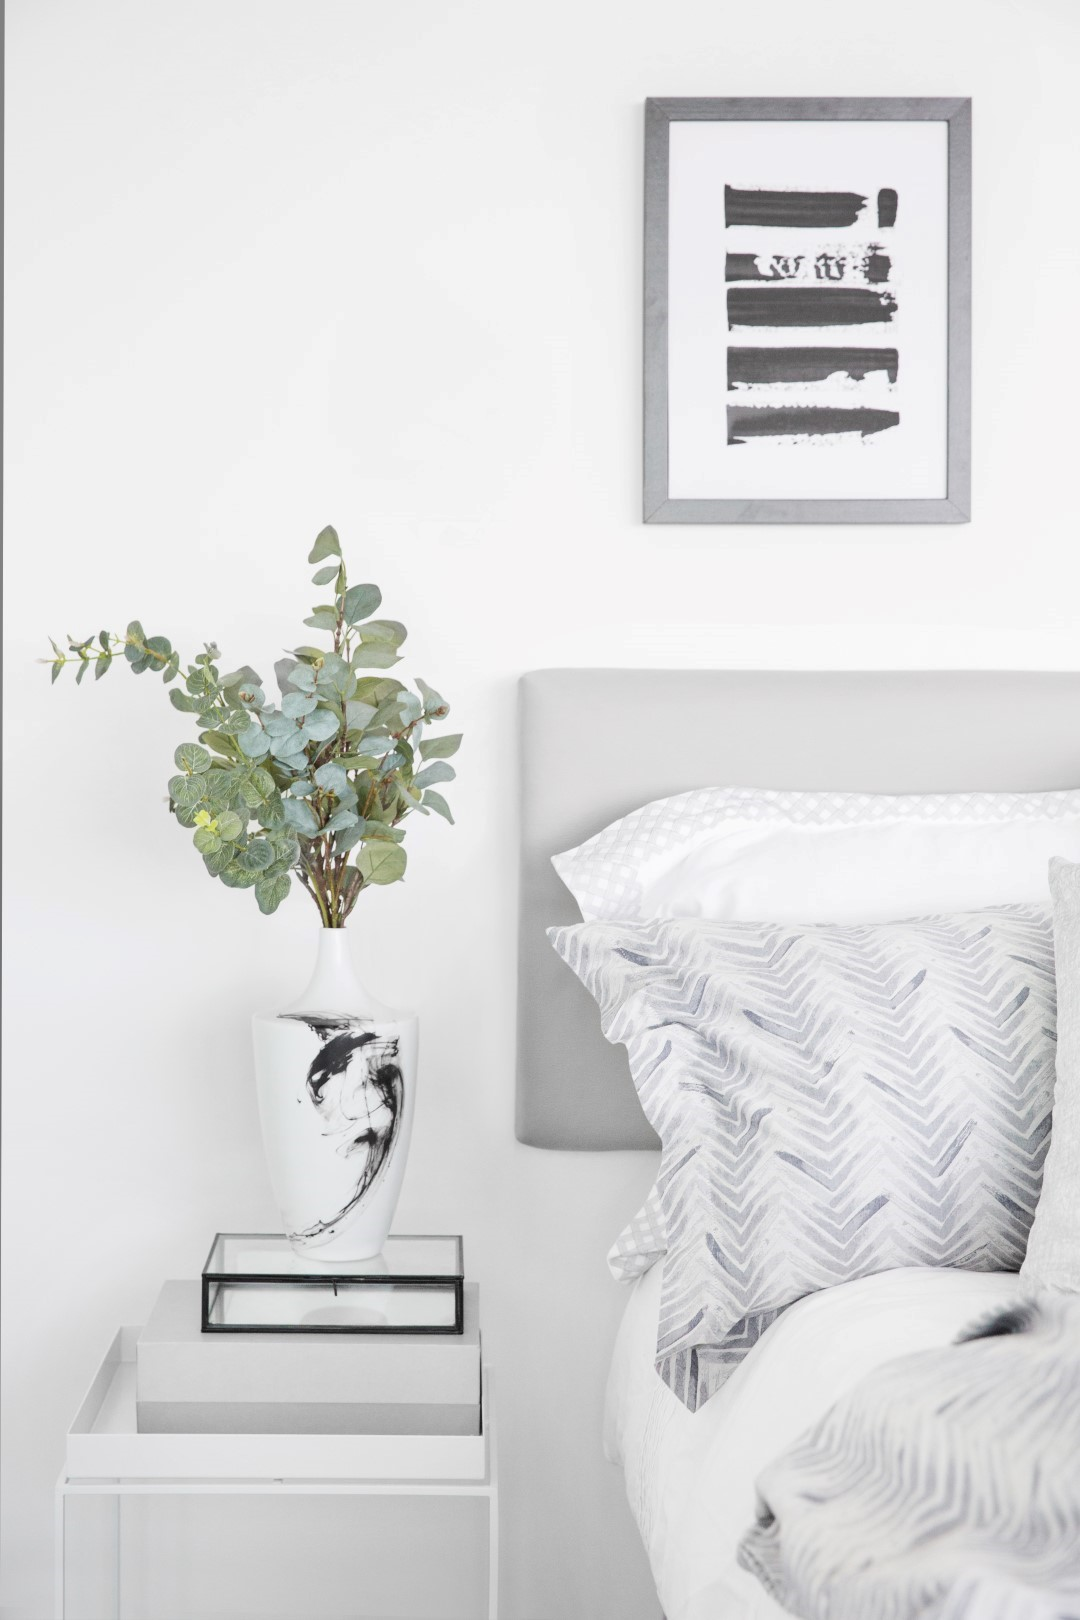 Phong cách thiết kế nội thất Tối giản - ảnh 4